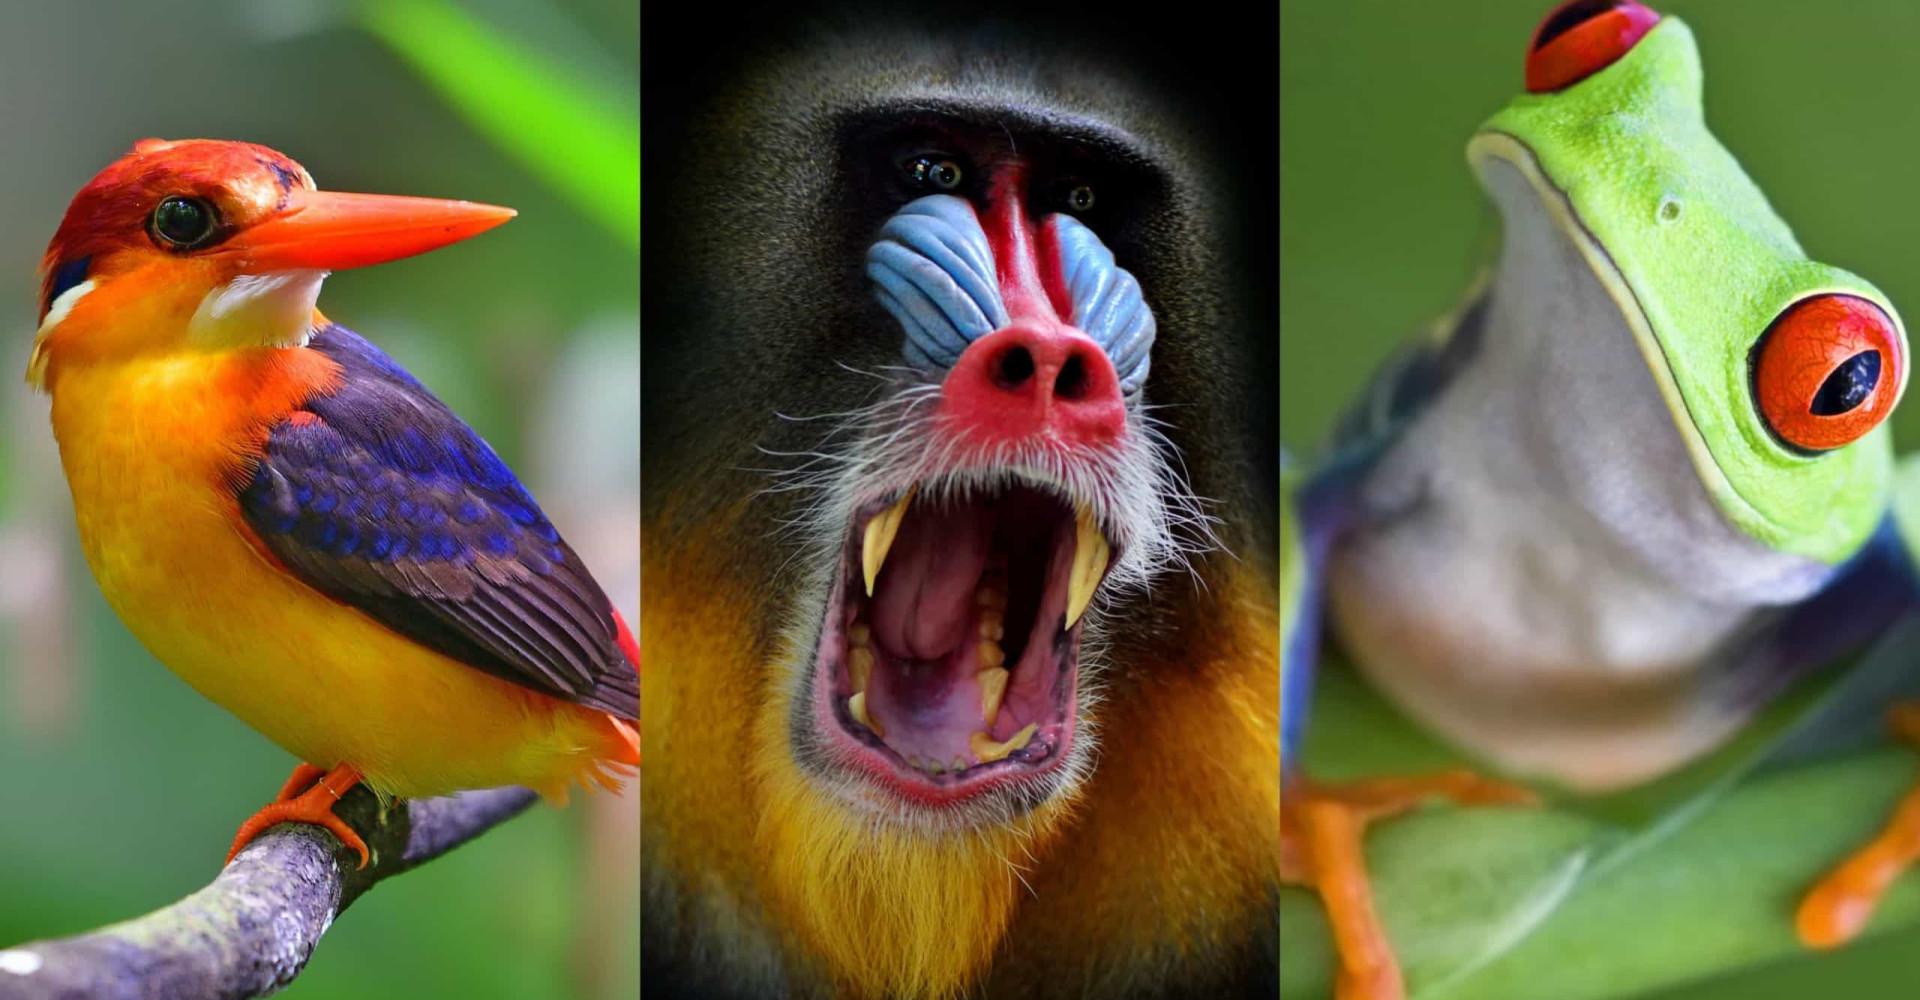 Kaipaatko väriä päivääsi? Katso kuvat maailman koreimmista villieläimistä